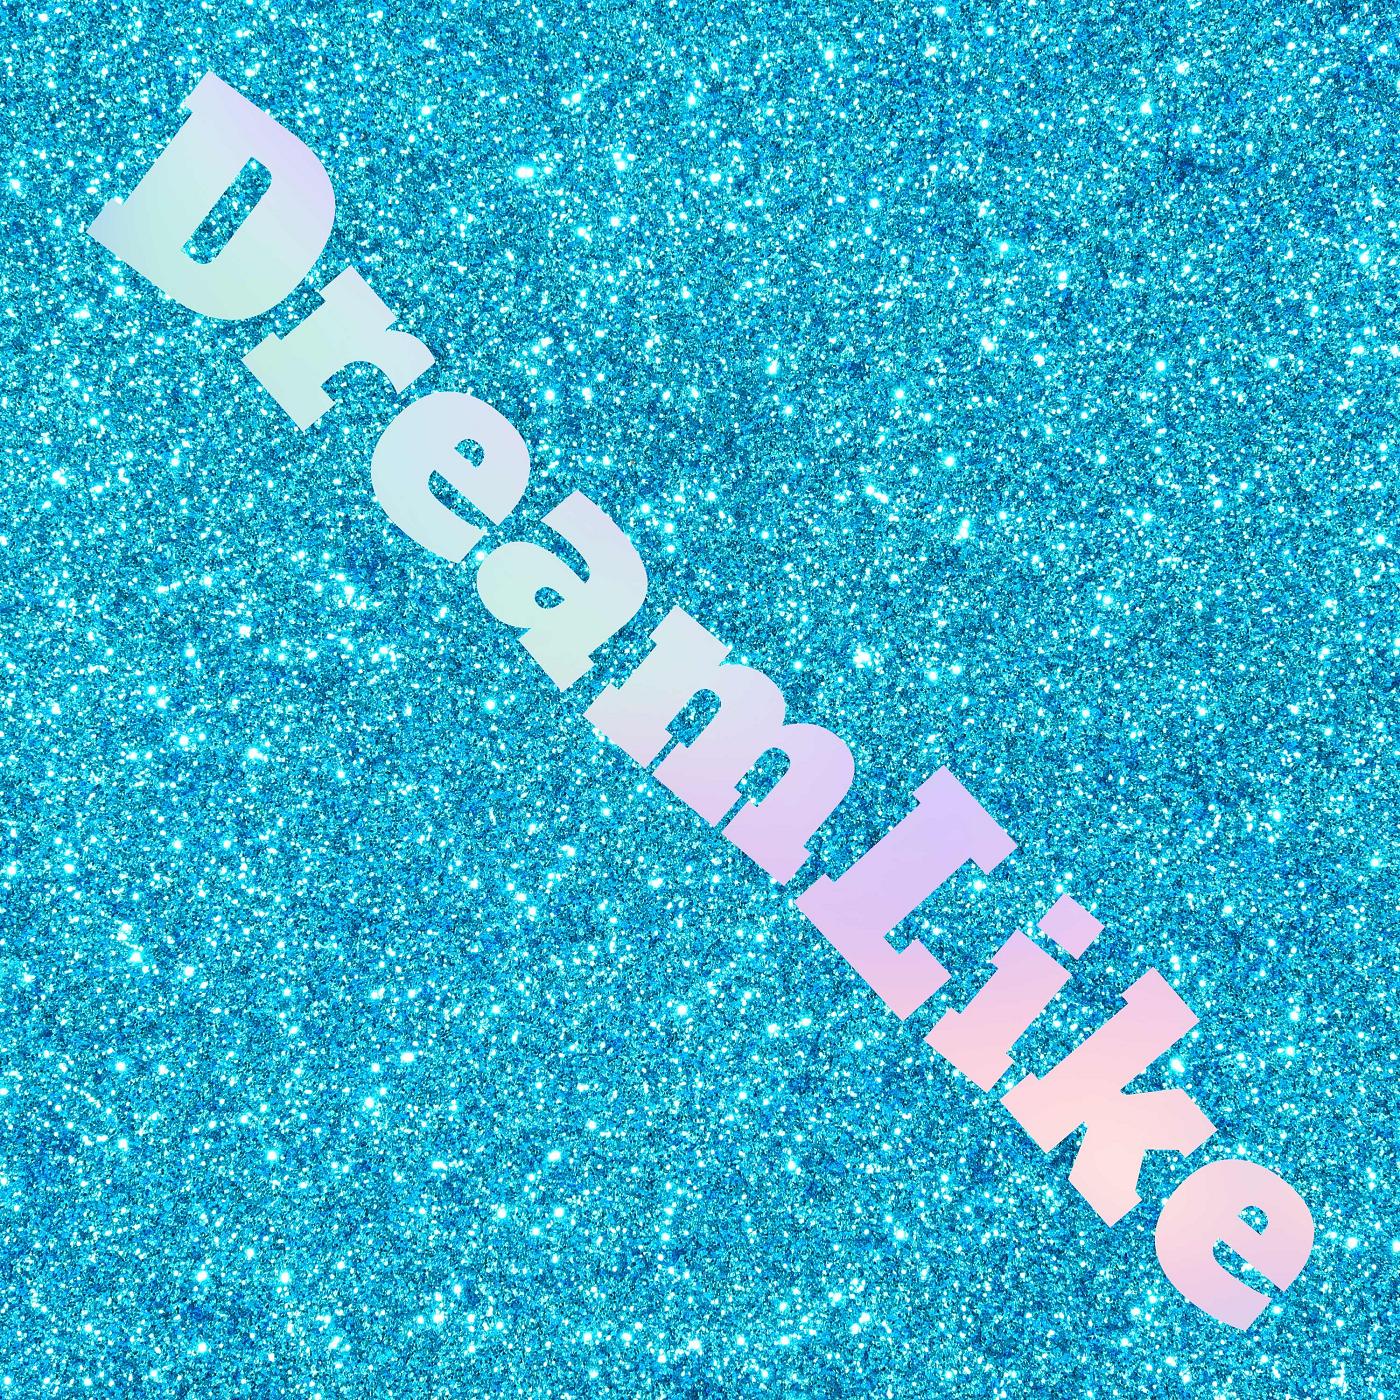 VOCAL TRANCE: Darren Porter & Ana Criado - Dream Like I Do (Amsterdam  Trance) + LYRICS - YouTube   1400x1400